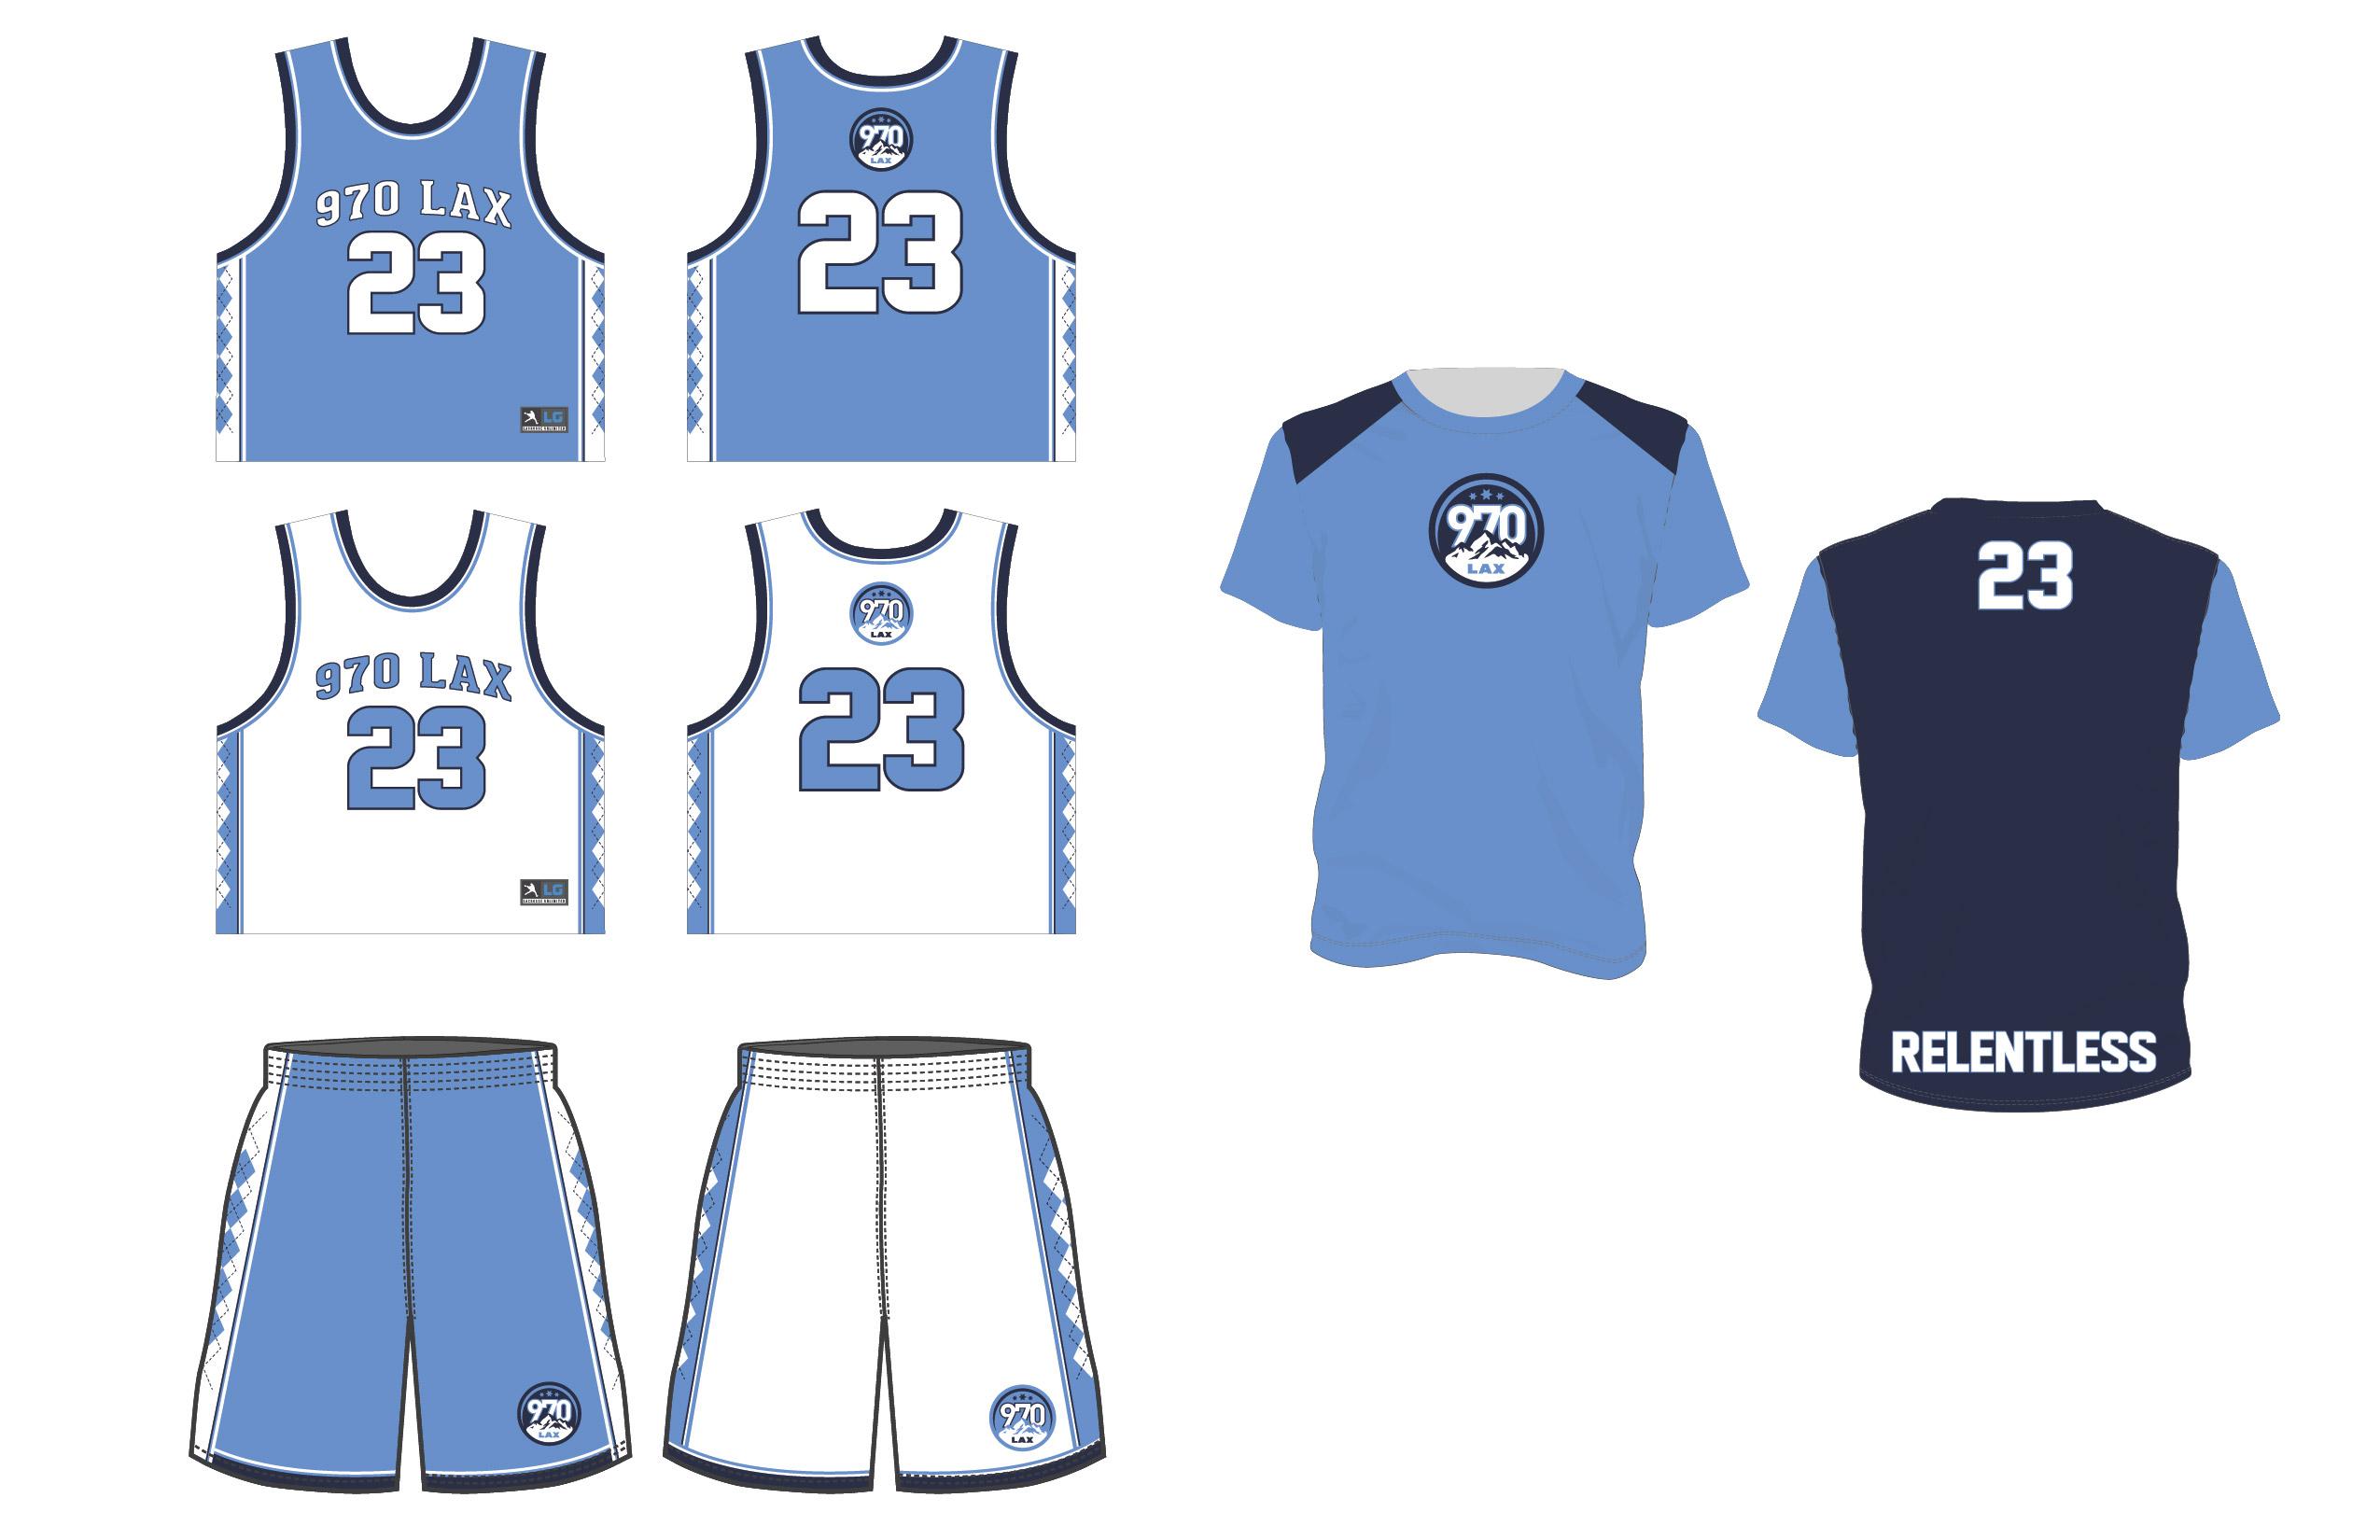 uniformb1